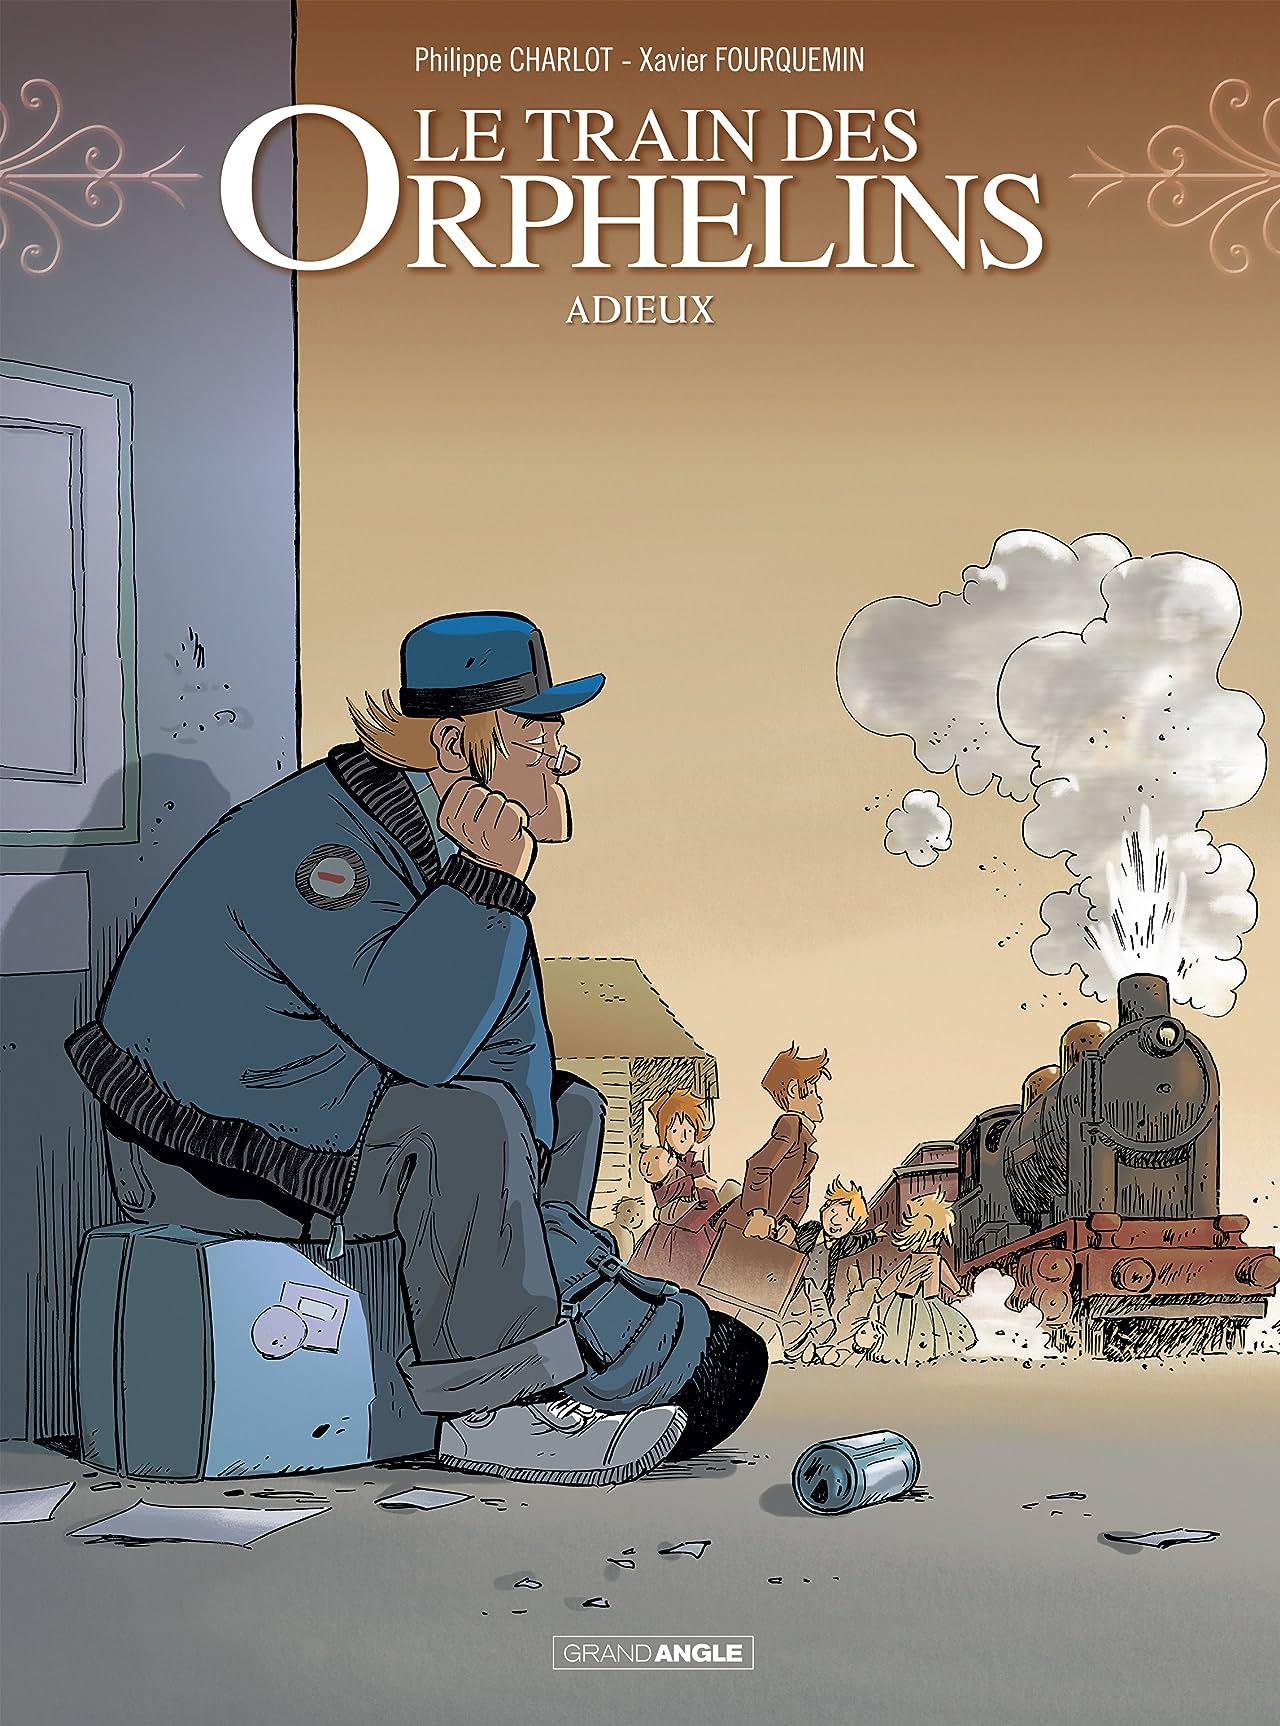 Le Train des orphelins Vol. 8: Adieux